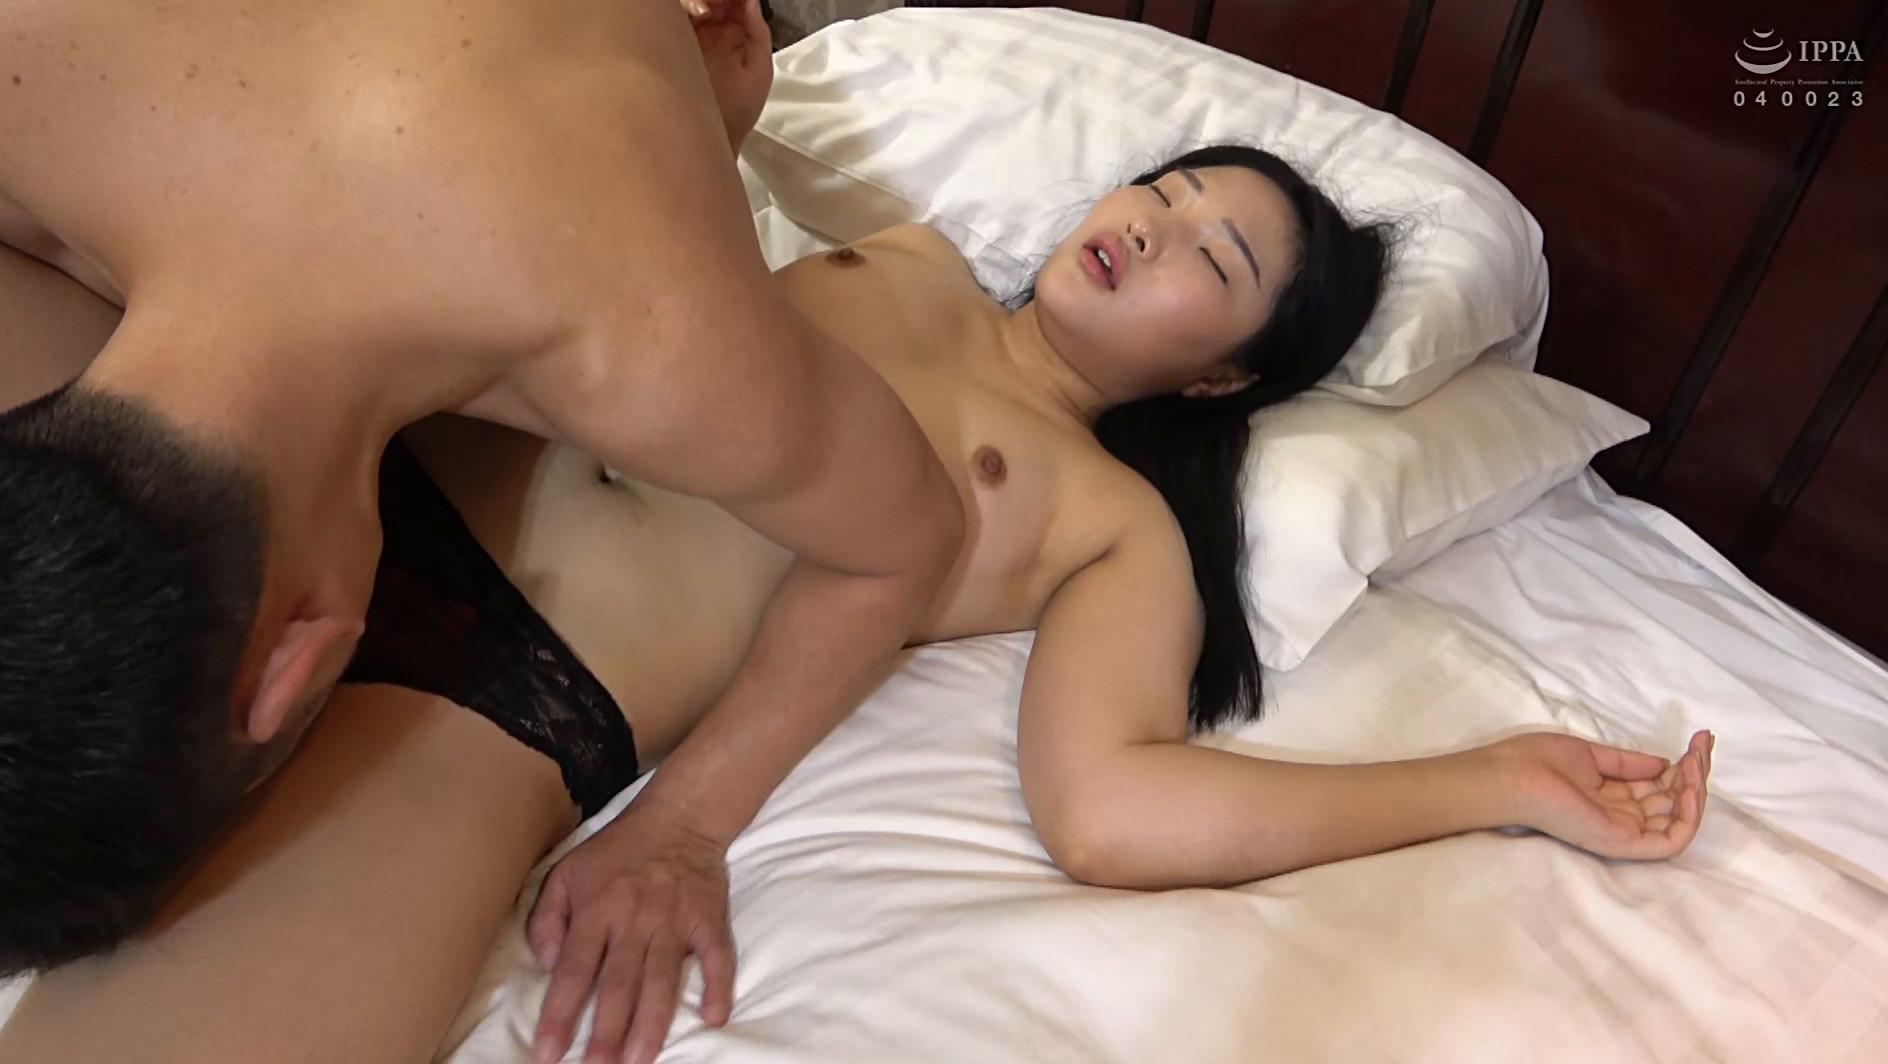 韓国で見つけた彼女。不思議系で地味な彼女は、執拗な責めと羞恥プレイでアクメ顔を晒しながらチ●ポをしゃぶる!アイドル級のビジュアルとスタイル抜群のカラダをハメ倒す! アラン&ヨルン 画像19